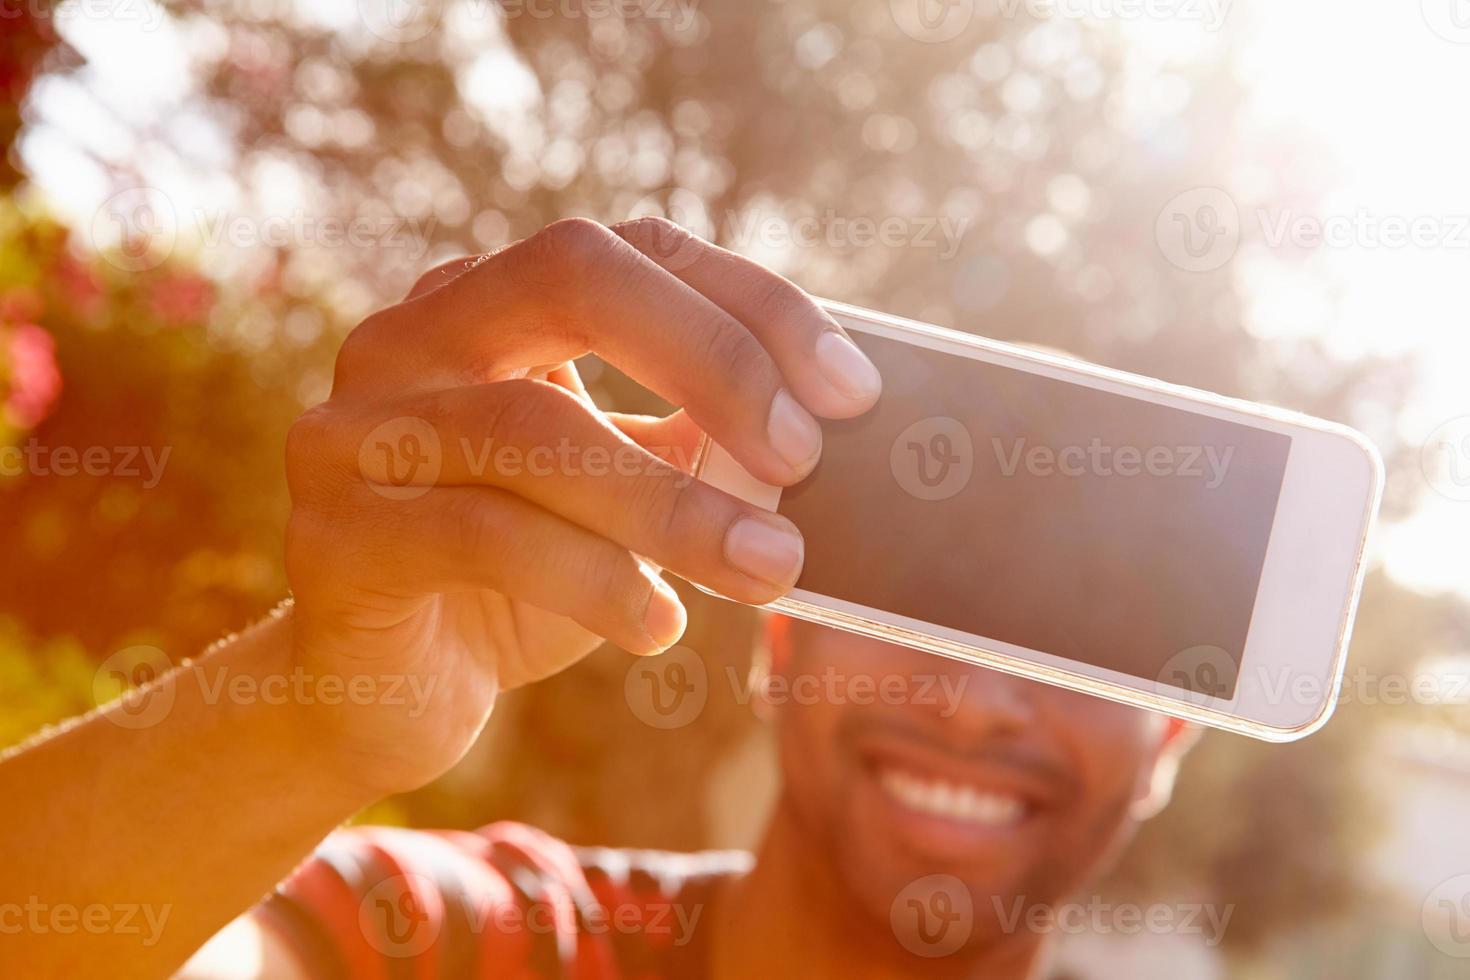 homem de férias tomando selfie com telefone móvel foto